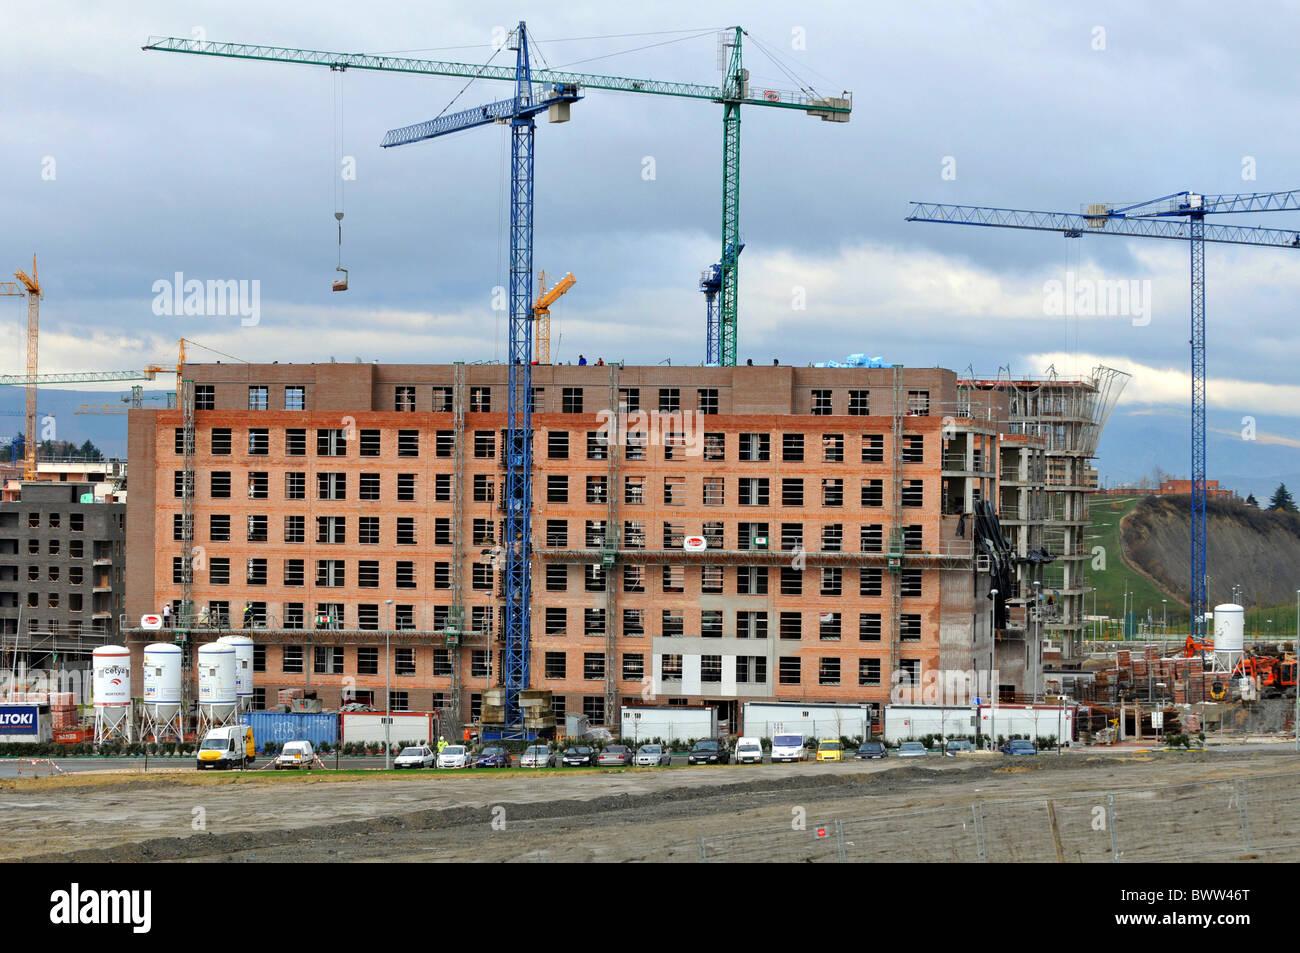 Bauarbeiten, Baustelle, Spanien Stockbild